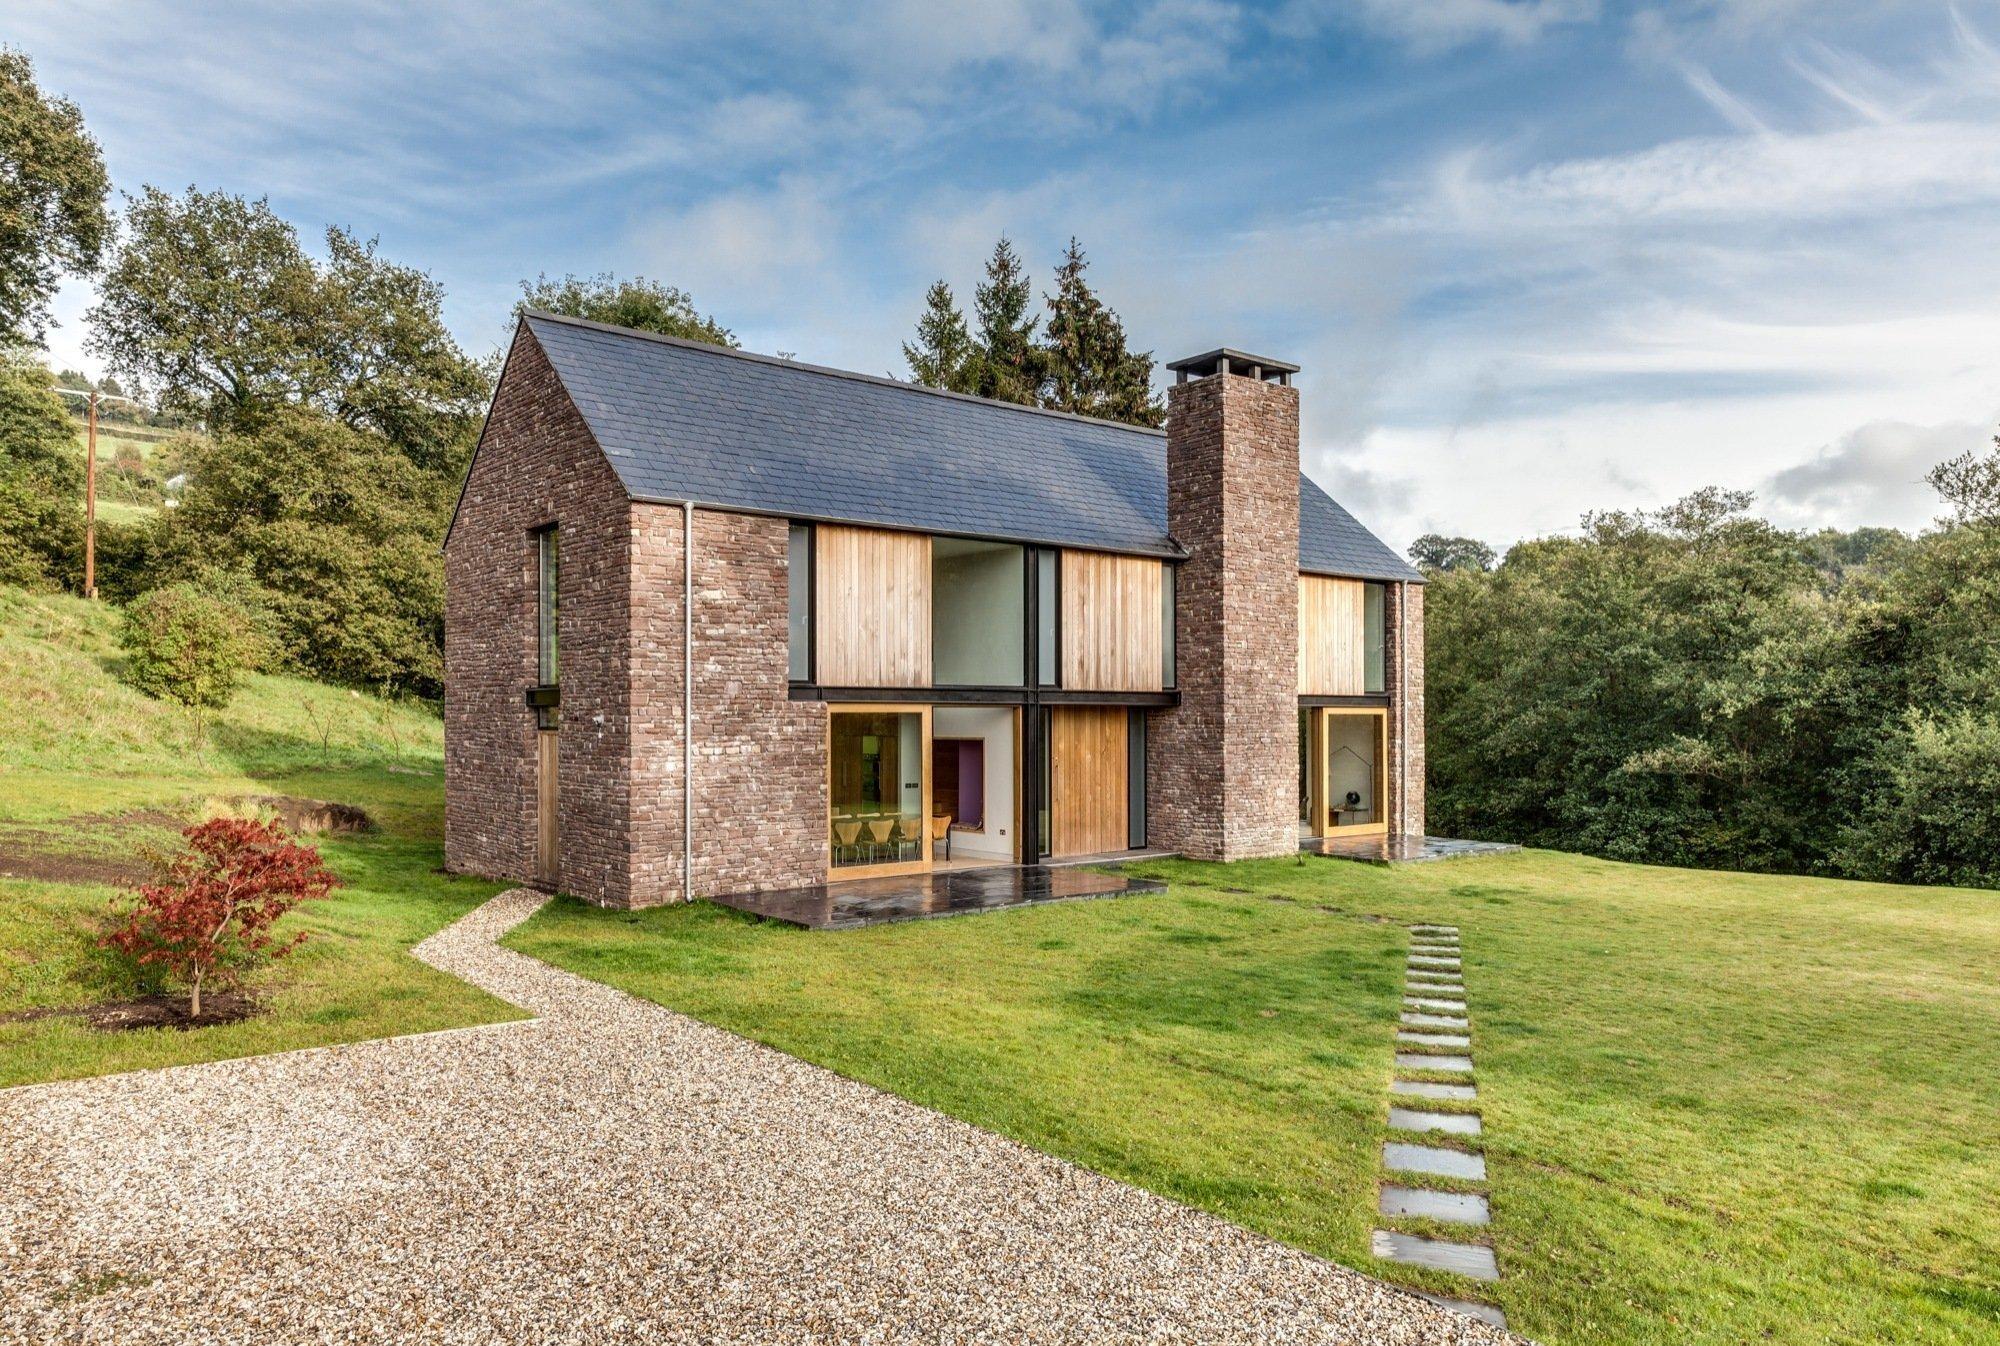 Velšský rodinný dům připomíná stodolu